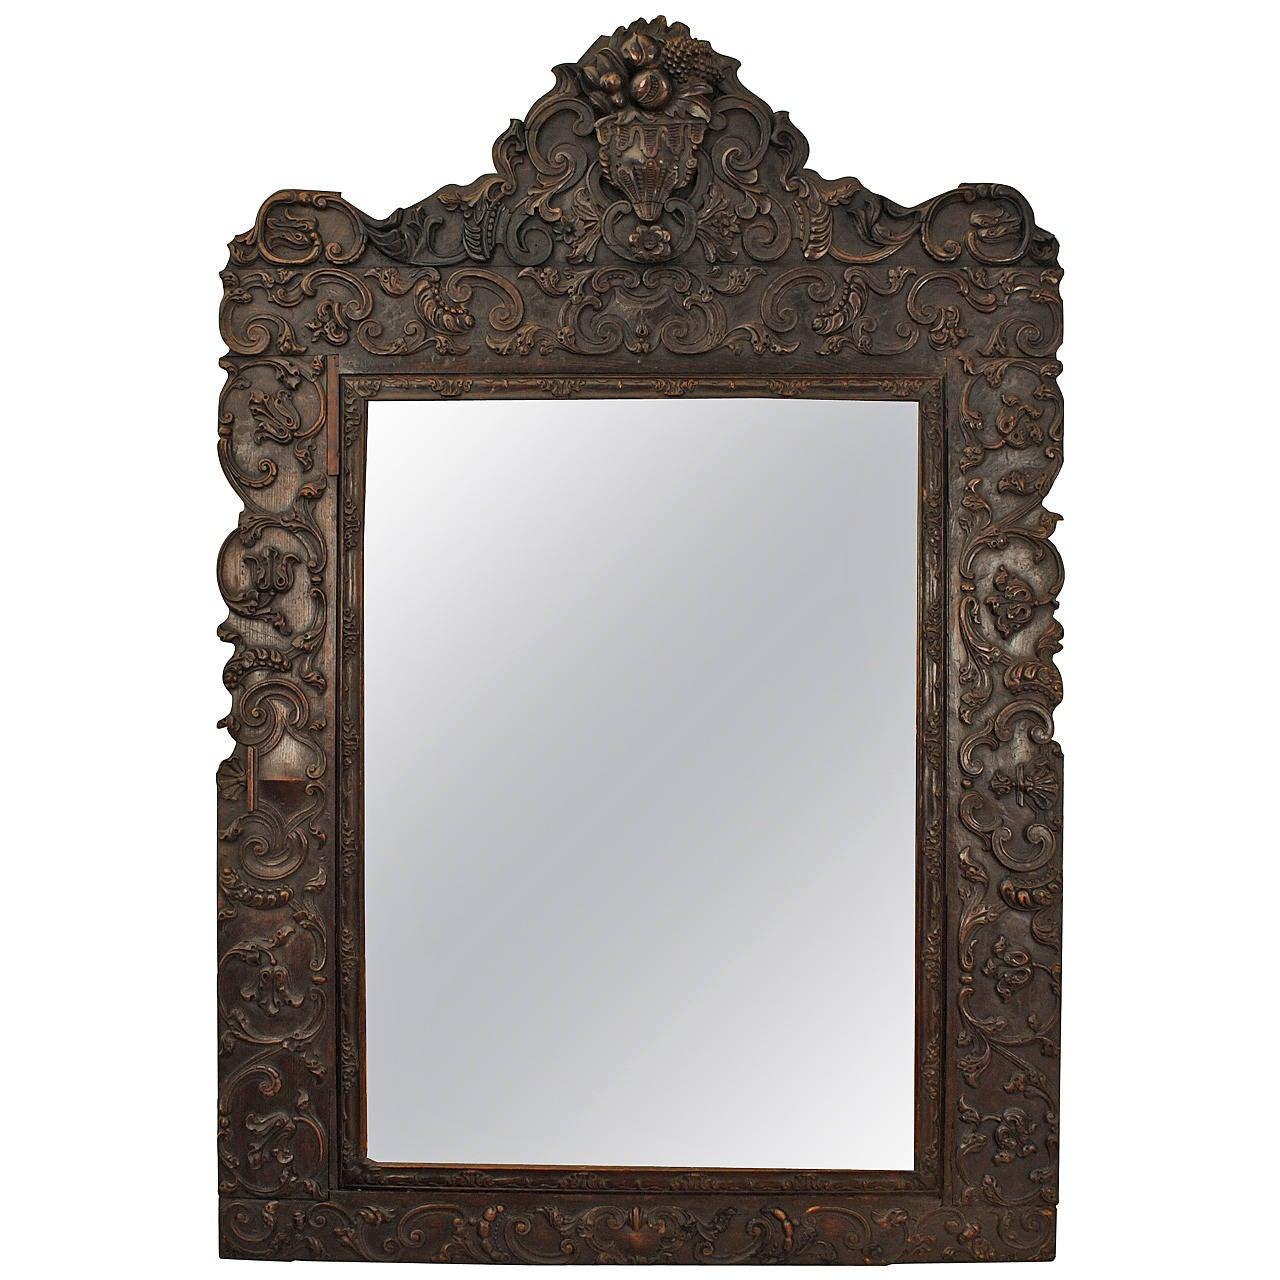 Portuguese Rococo Sizable Carved Walnut Mirror, 18th Century